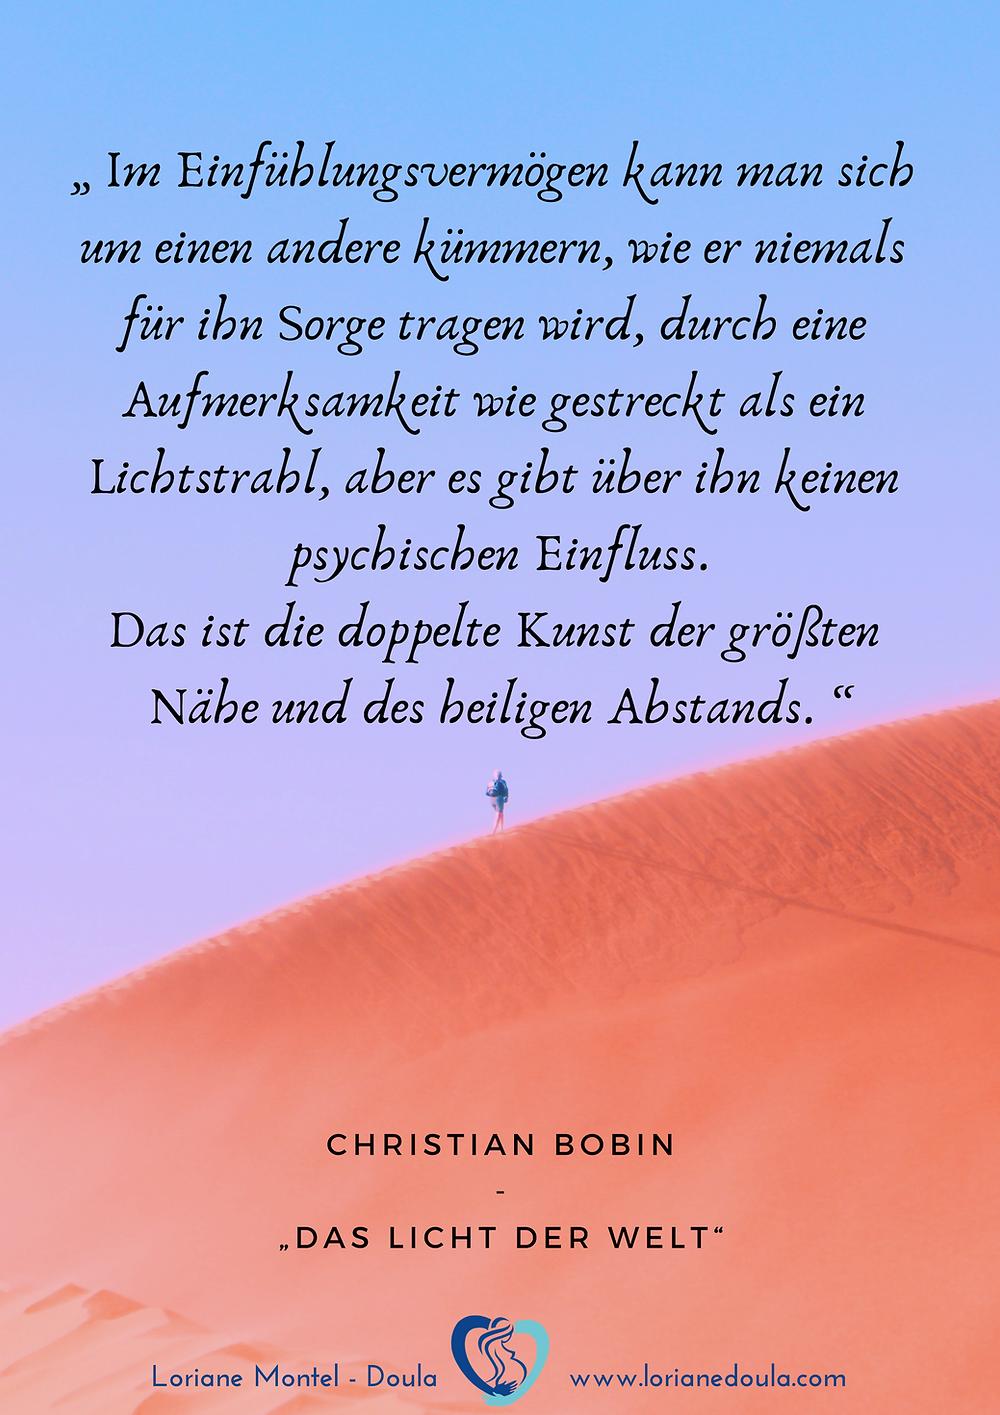 Das Einfühlungsvermögen nach Christian Bobin